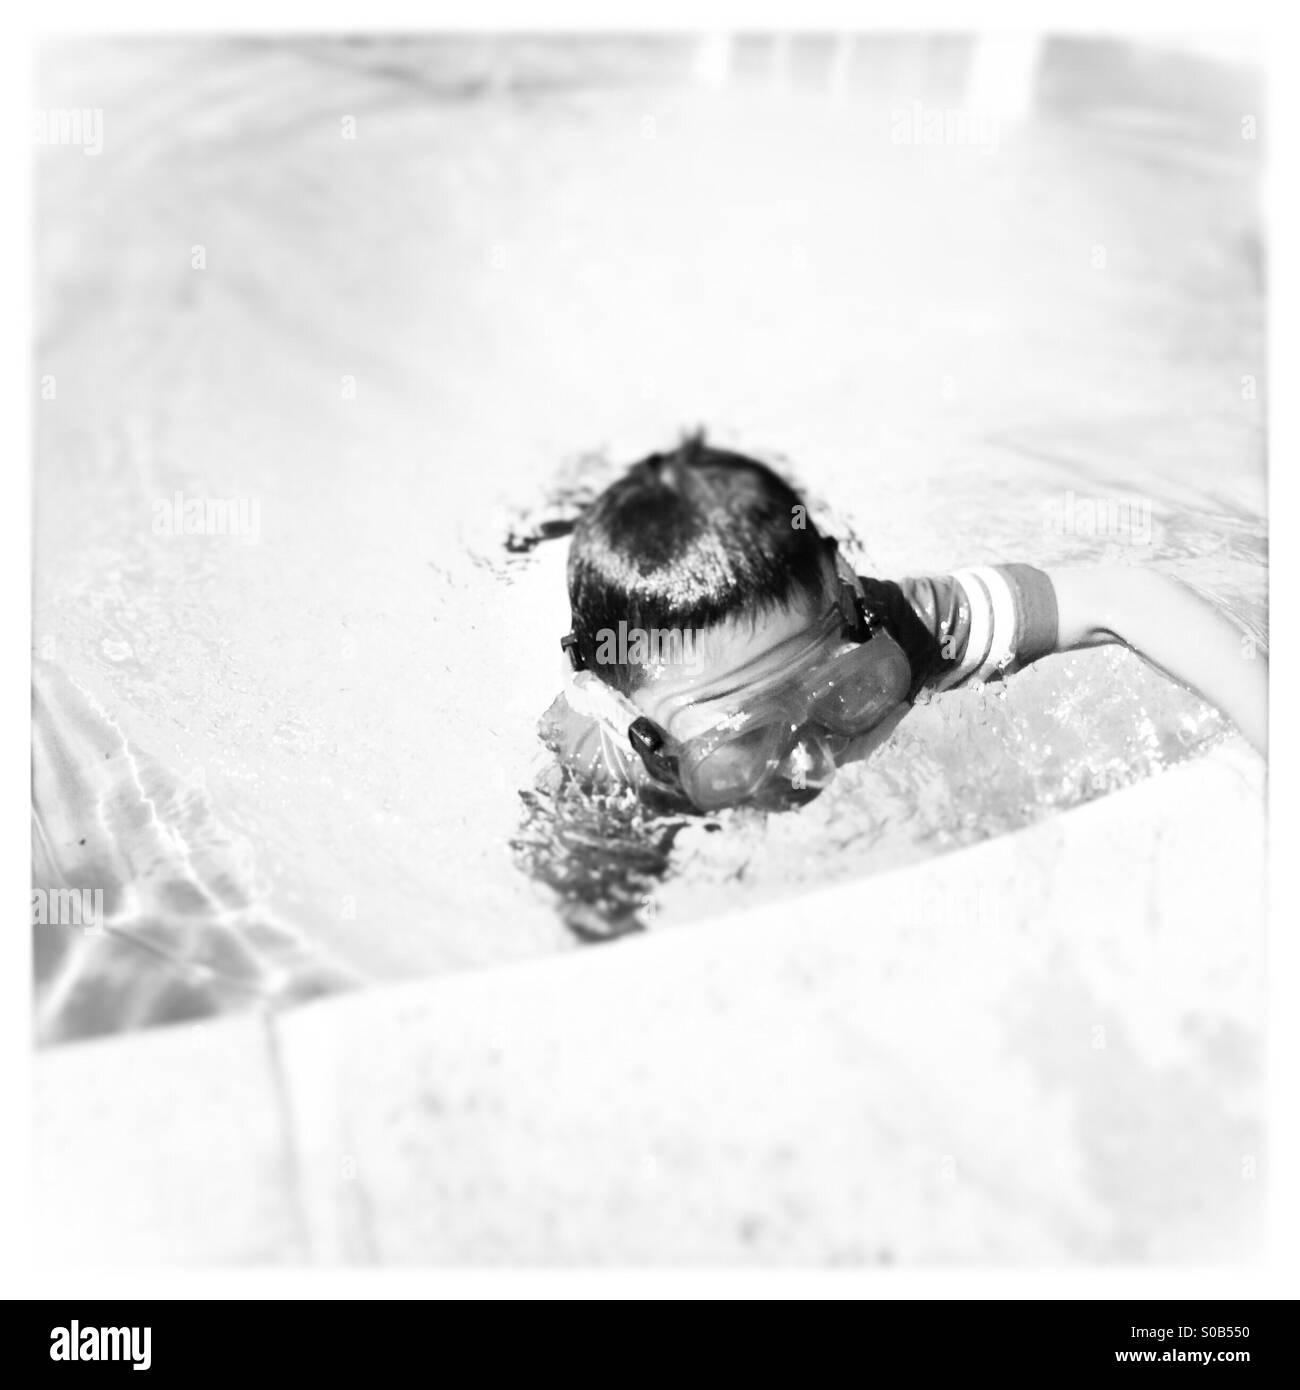 Un garçon de 7 ans nage jusqu'au bord d'une piscine. Photo Stock